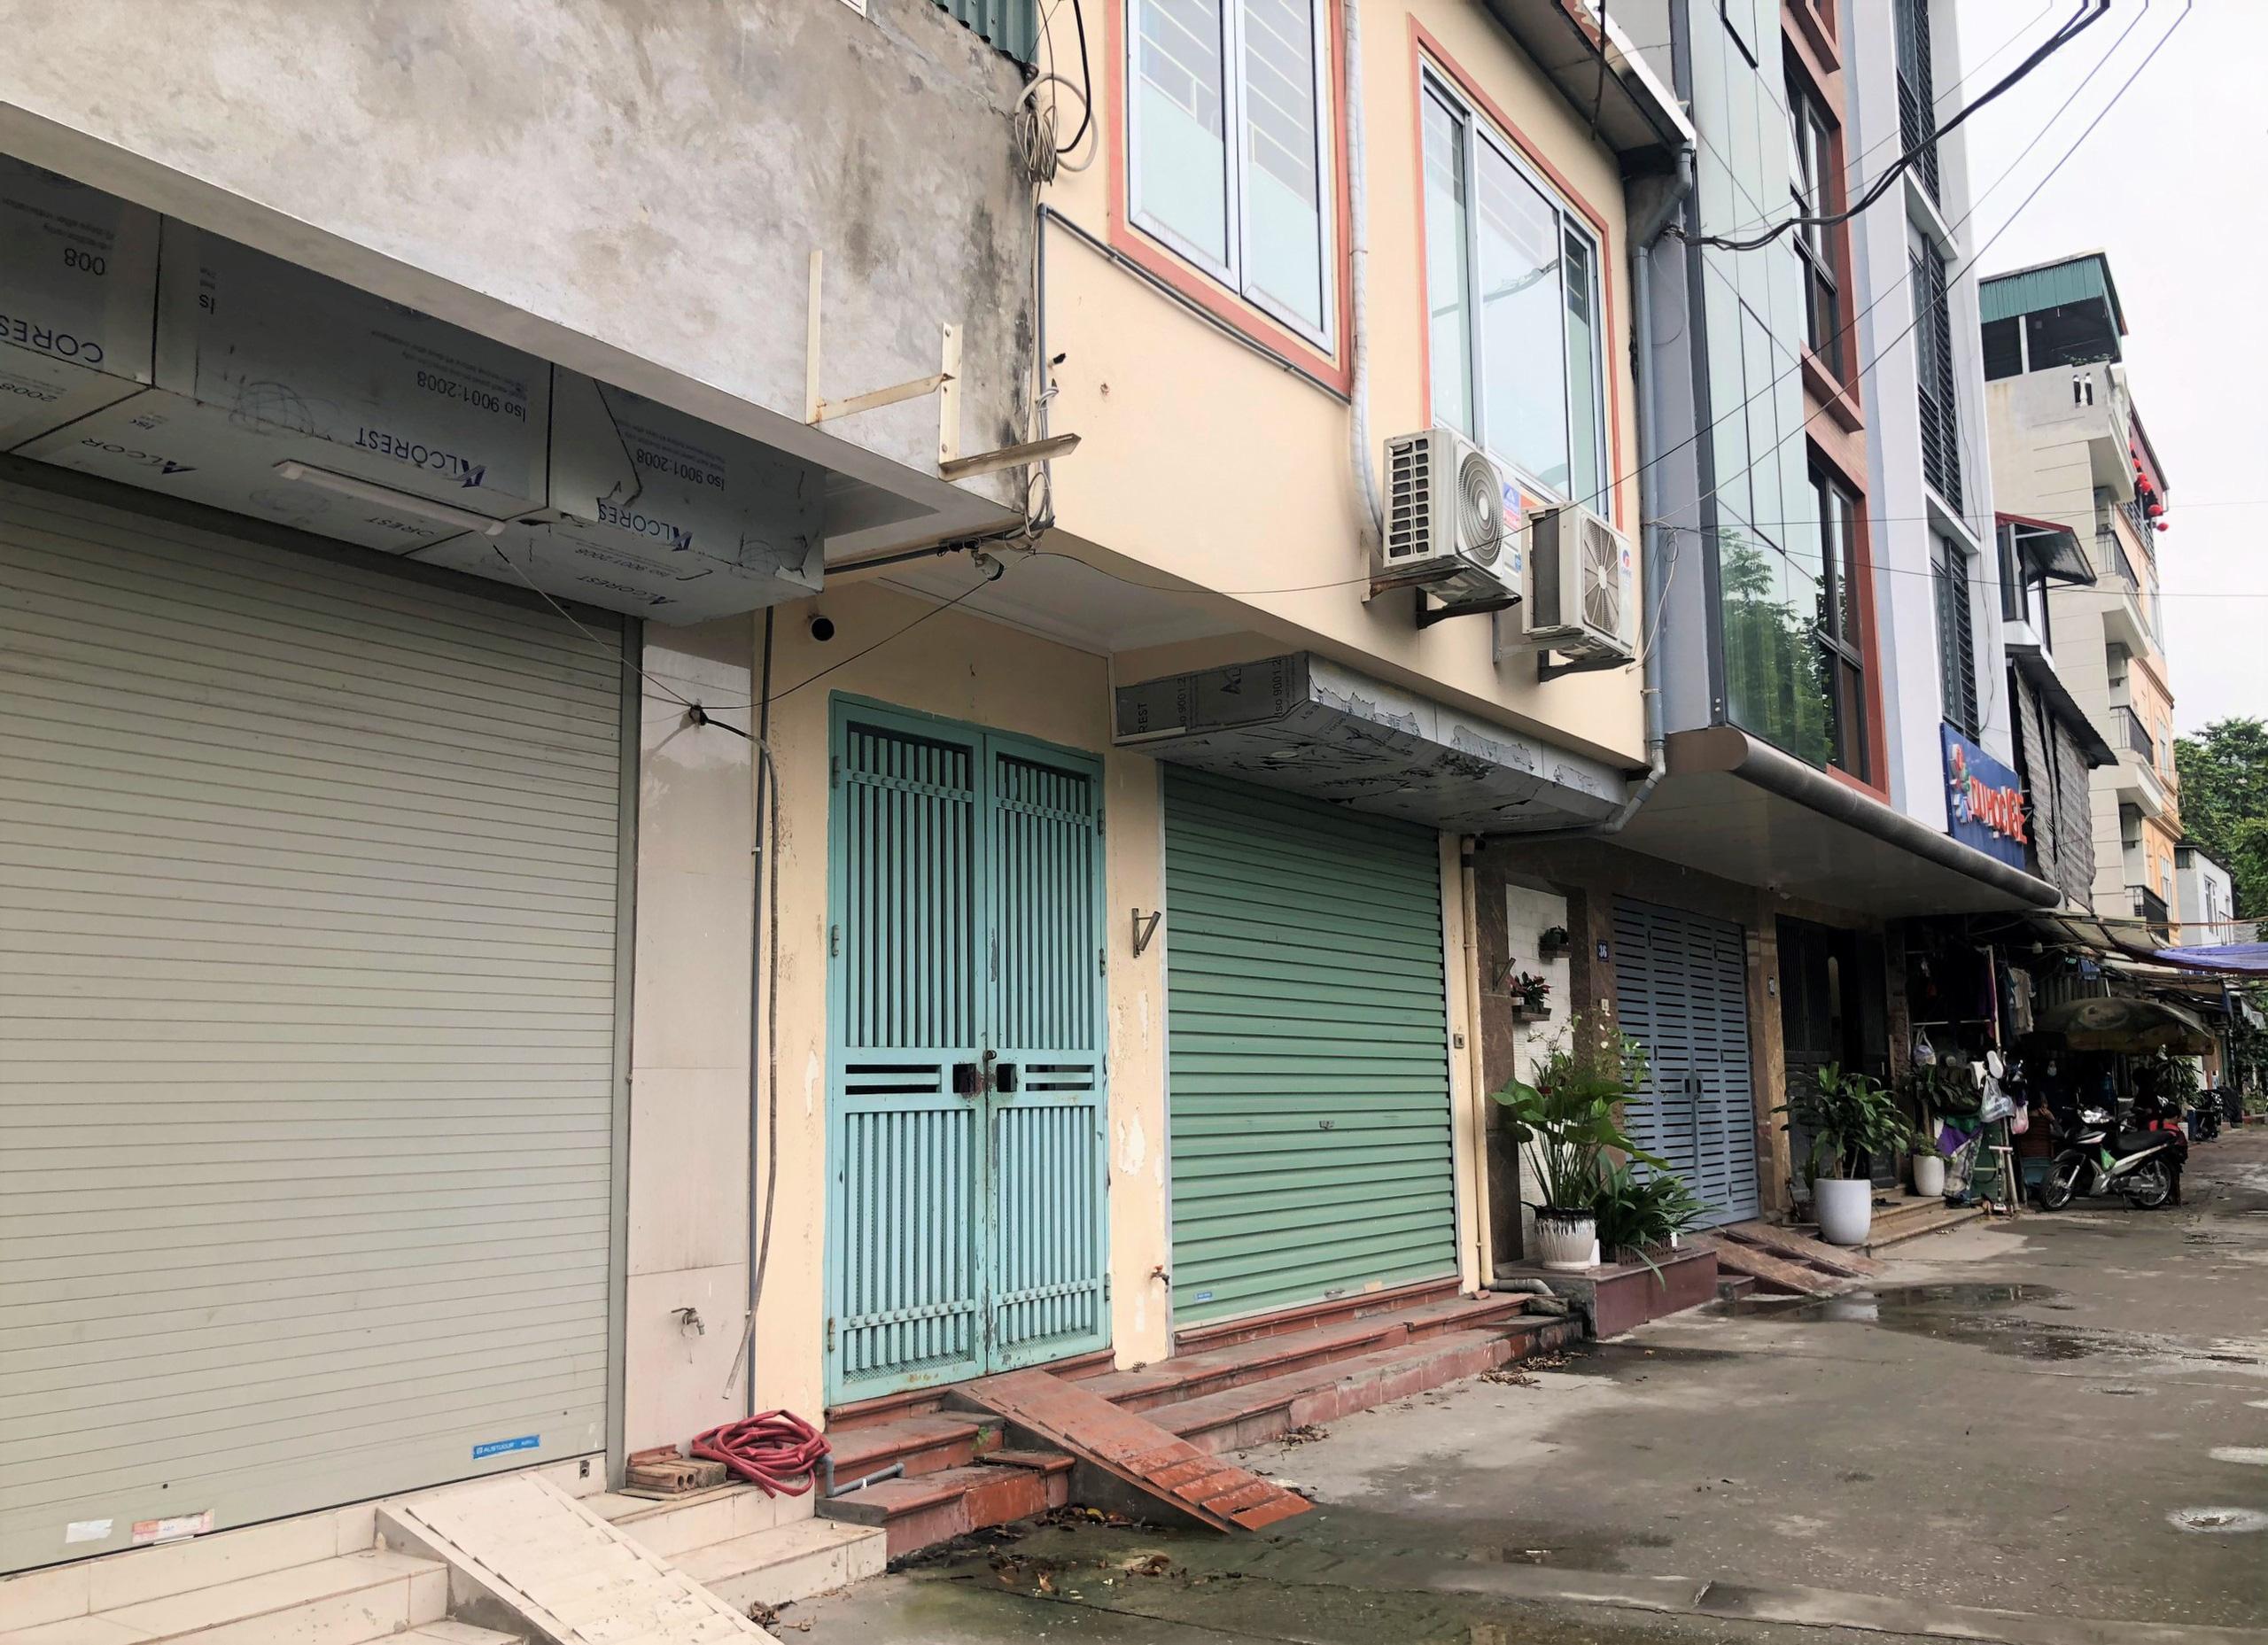 Đường sắp mở theo quy hoạch ở phường Ngọc Hà, Ba Đình, Hà Nội (phần 2): Đường nối ngõ 279 Đội Cấn - phố Ngọc Hà  - Ảnh 8.